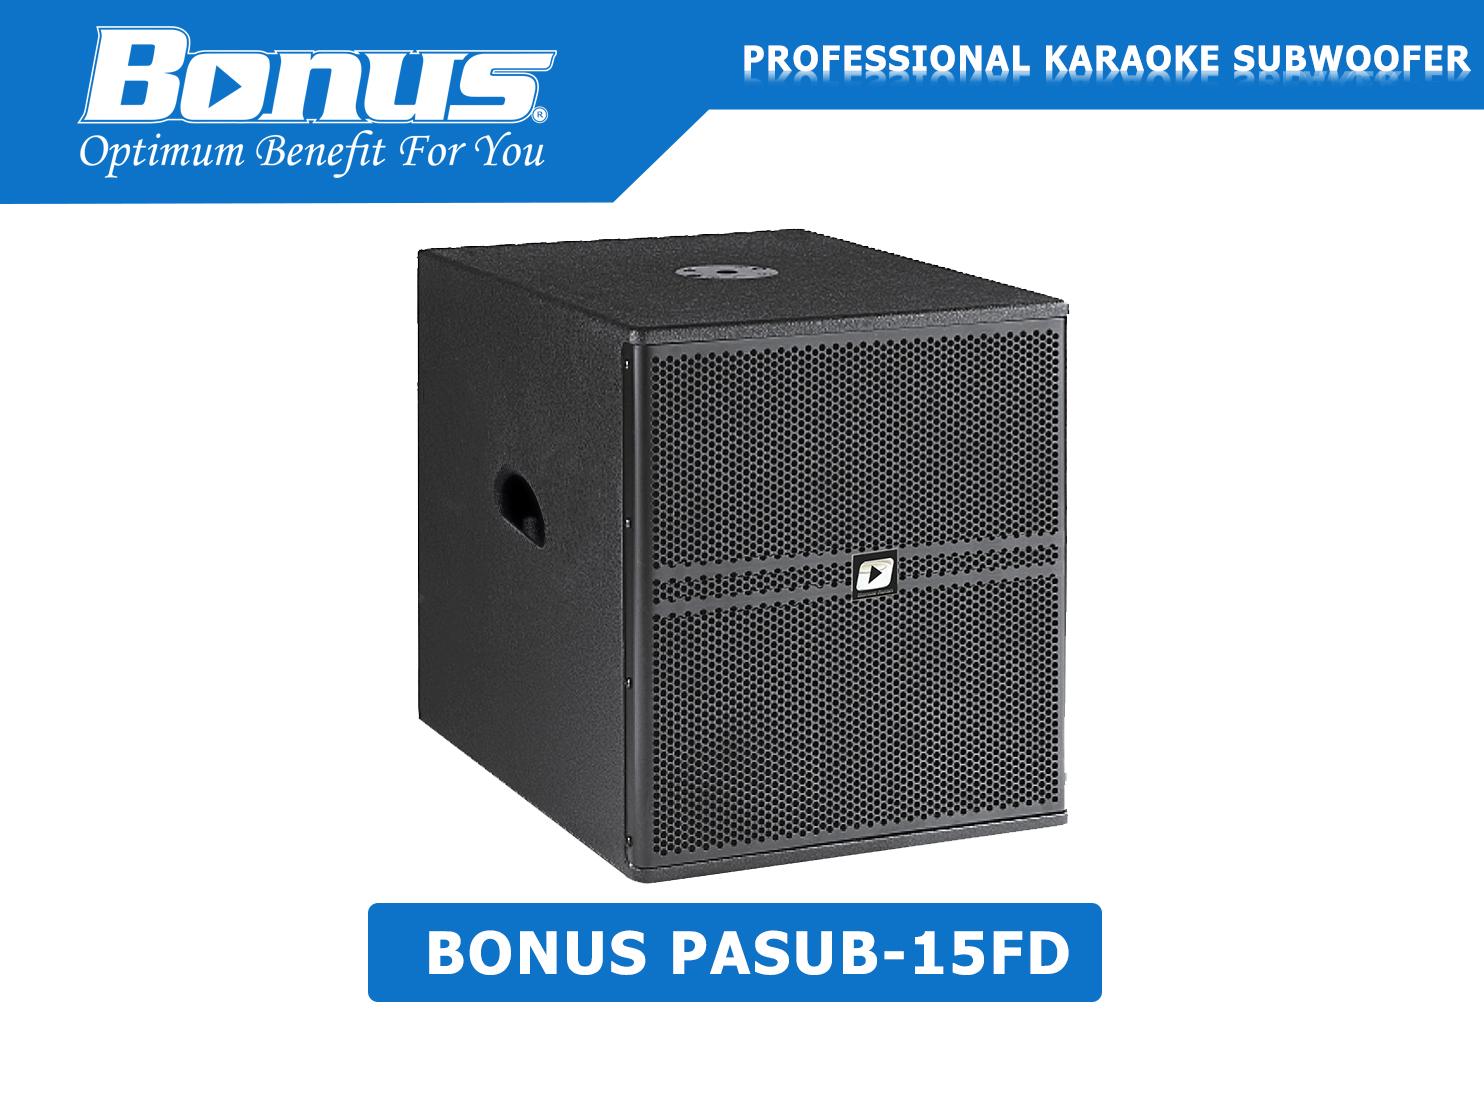 Loa sub bonus pasub-15fd cao cấp.